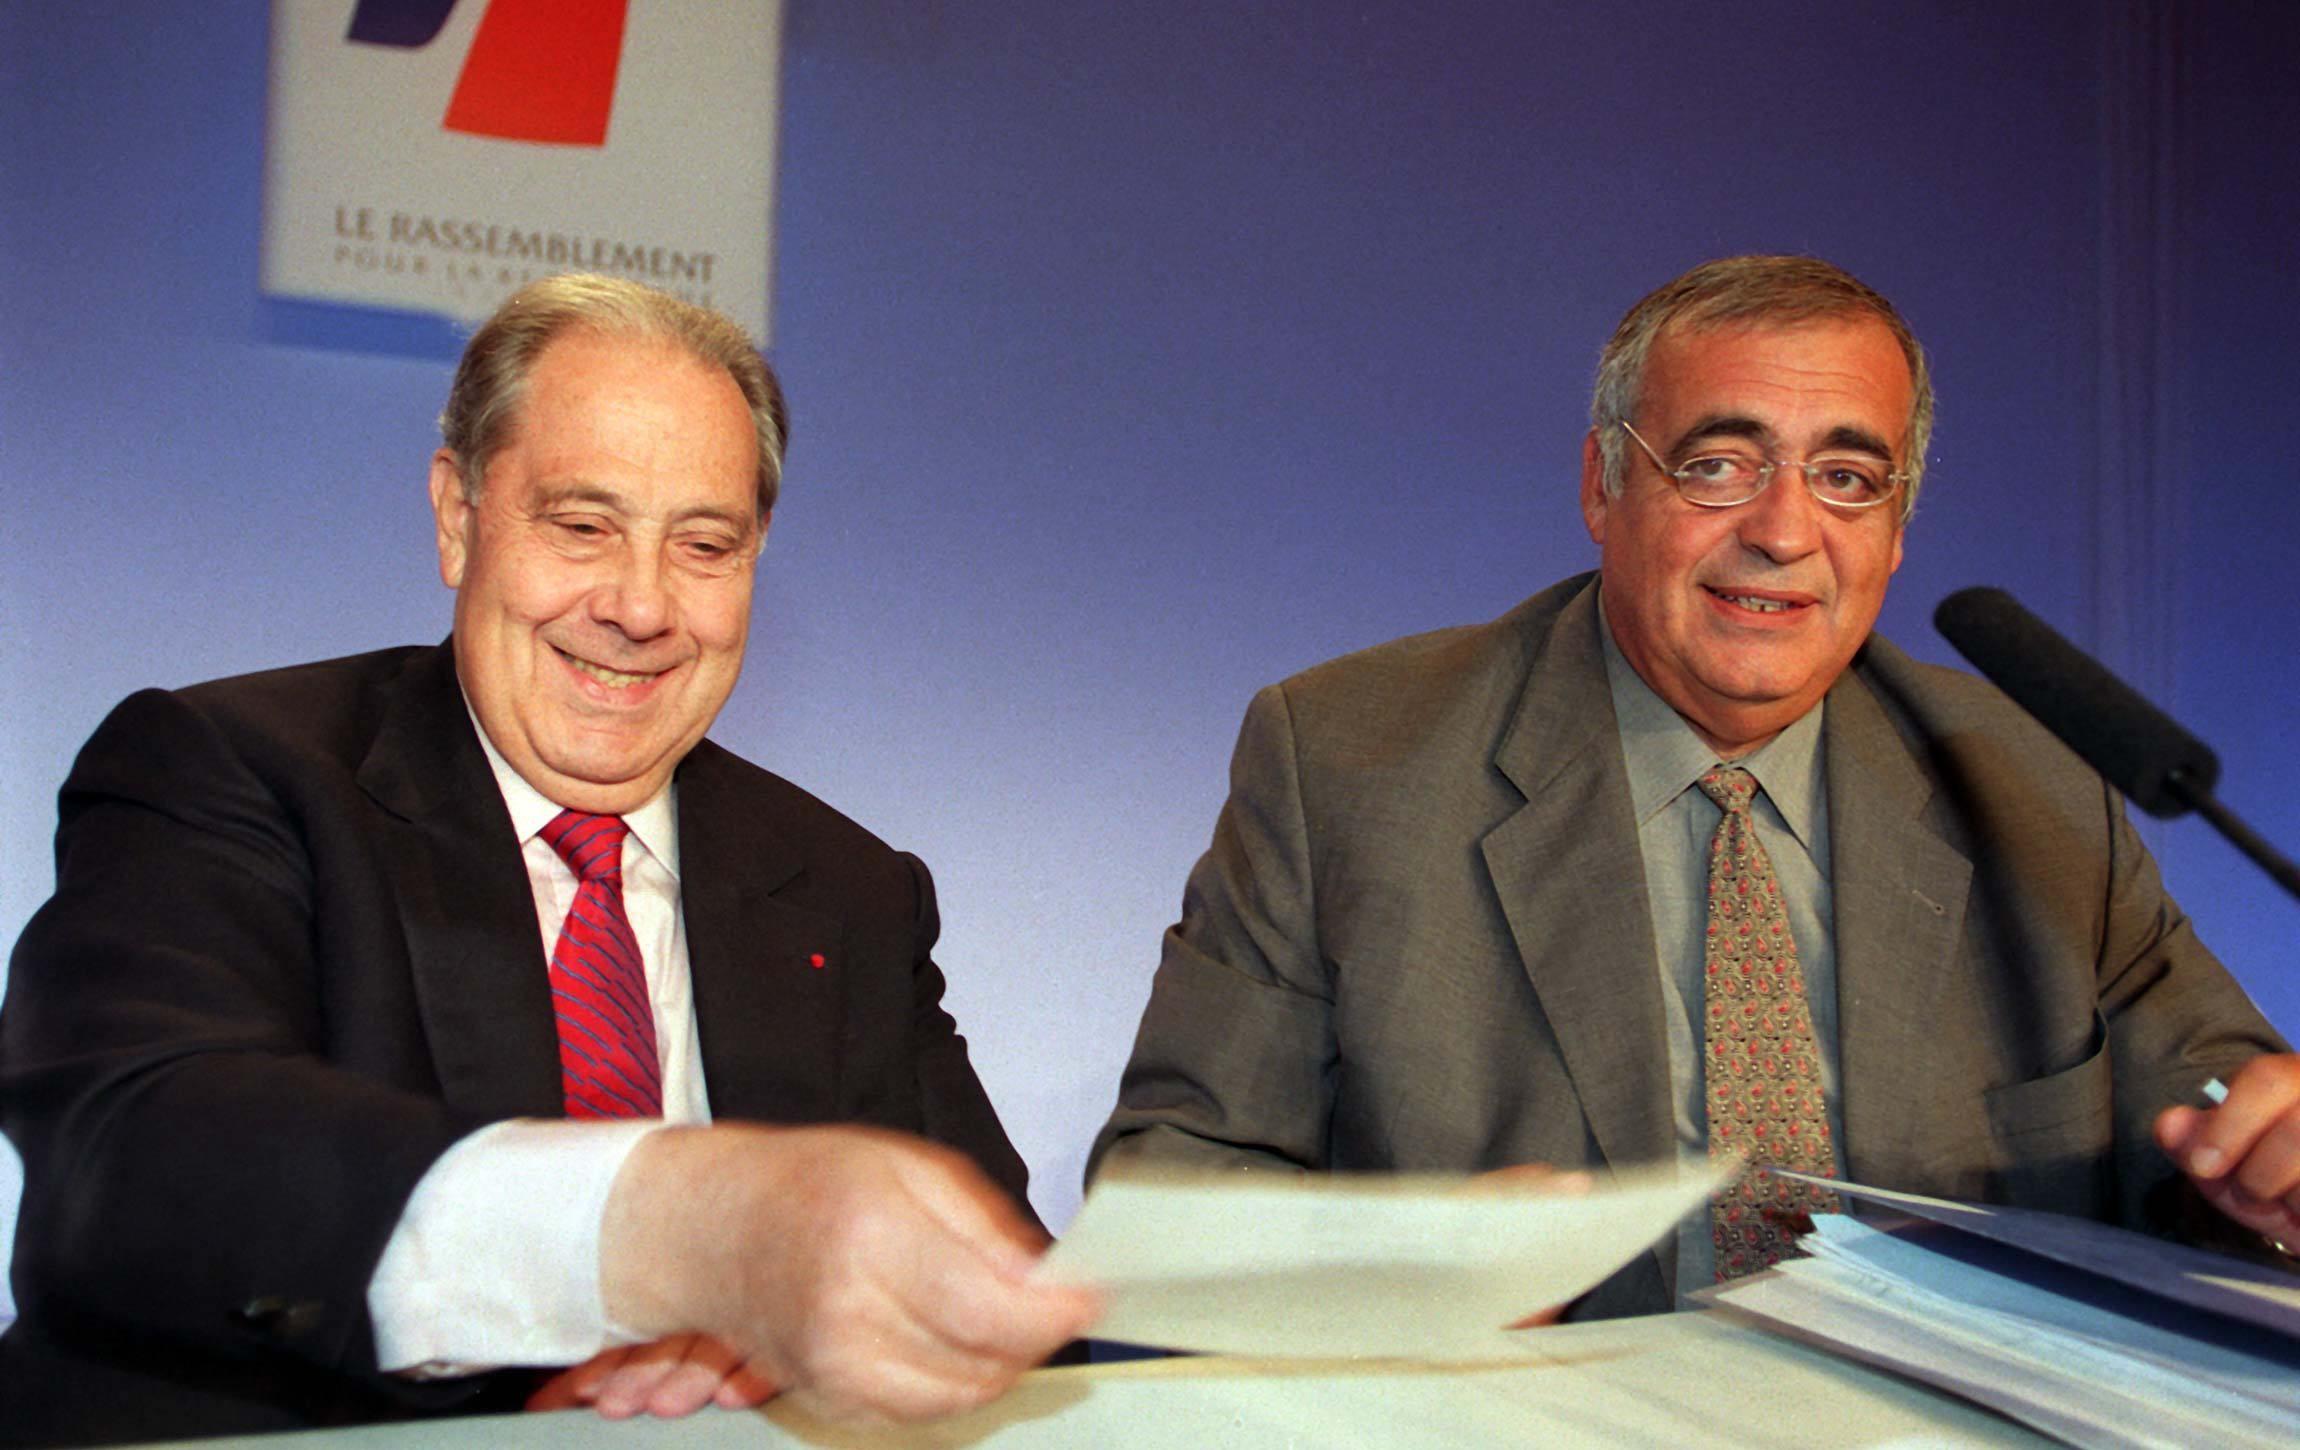 Charles Pasqua et Philippe Séguin, en 1998. ©WITT/SIPA Numéro de reportage : 00347882_000002